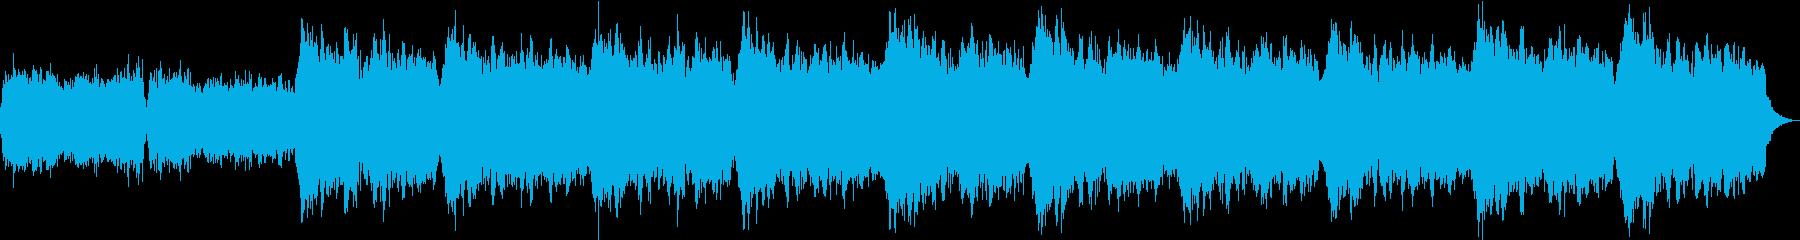 カウンセリングや音楽療法向けの安らぎ音楽の再生済みの波形